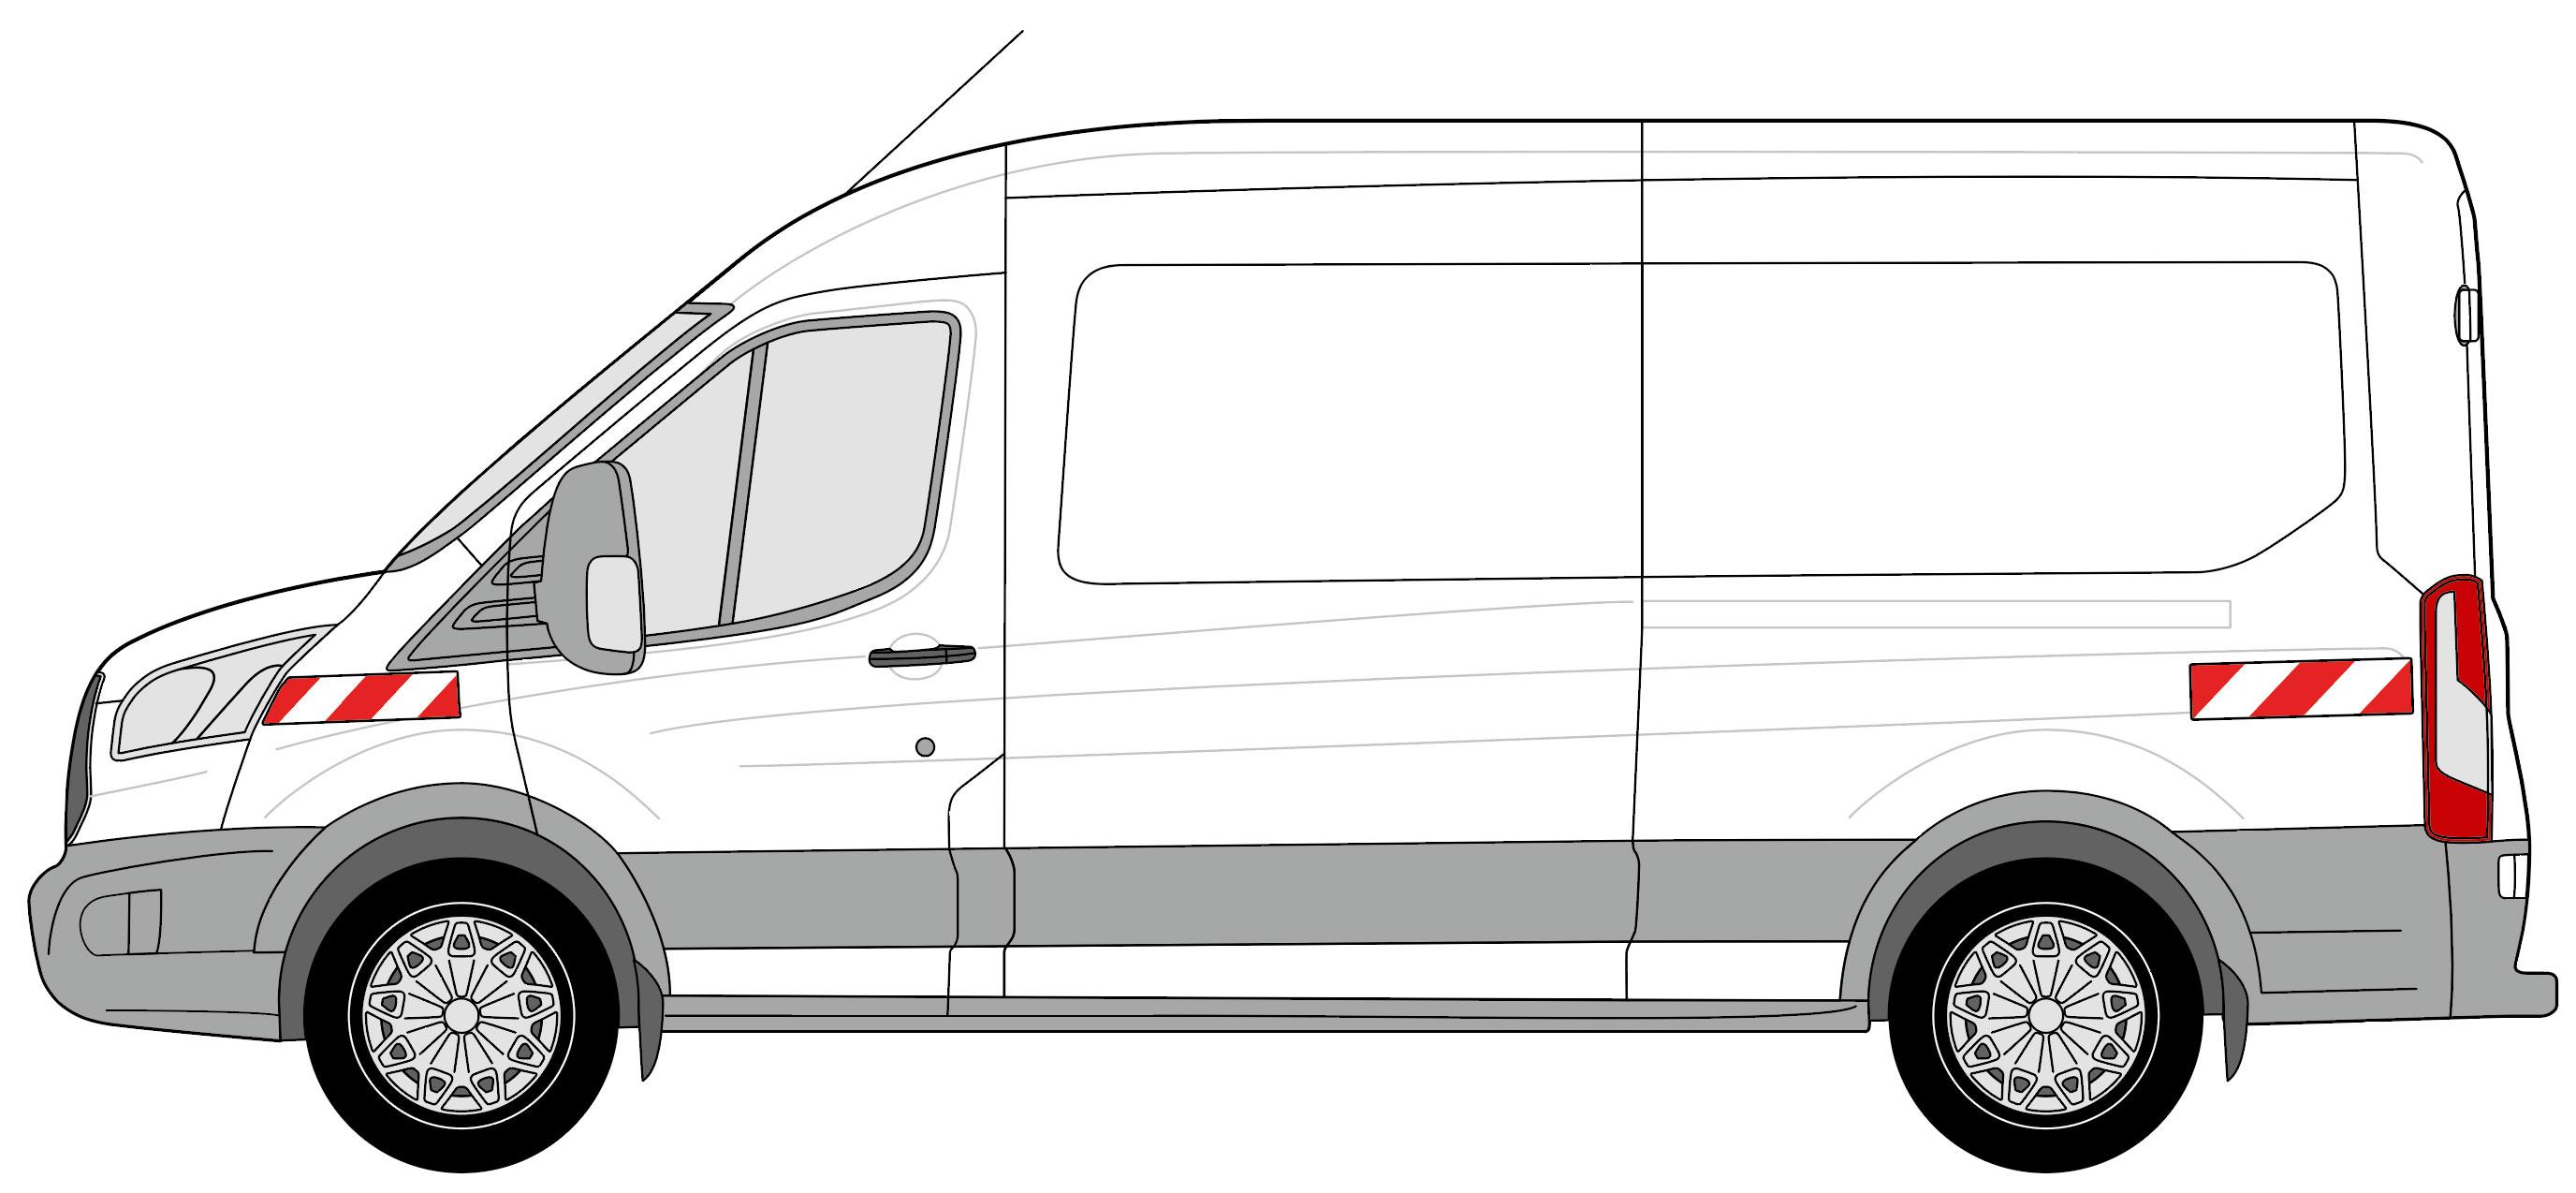 Ford Transit Kasten 2014/05-2019/07